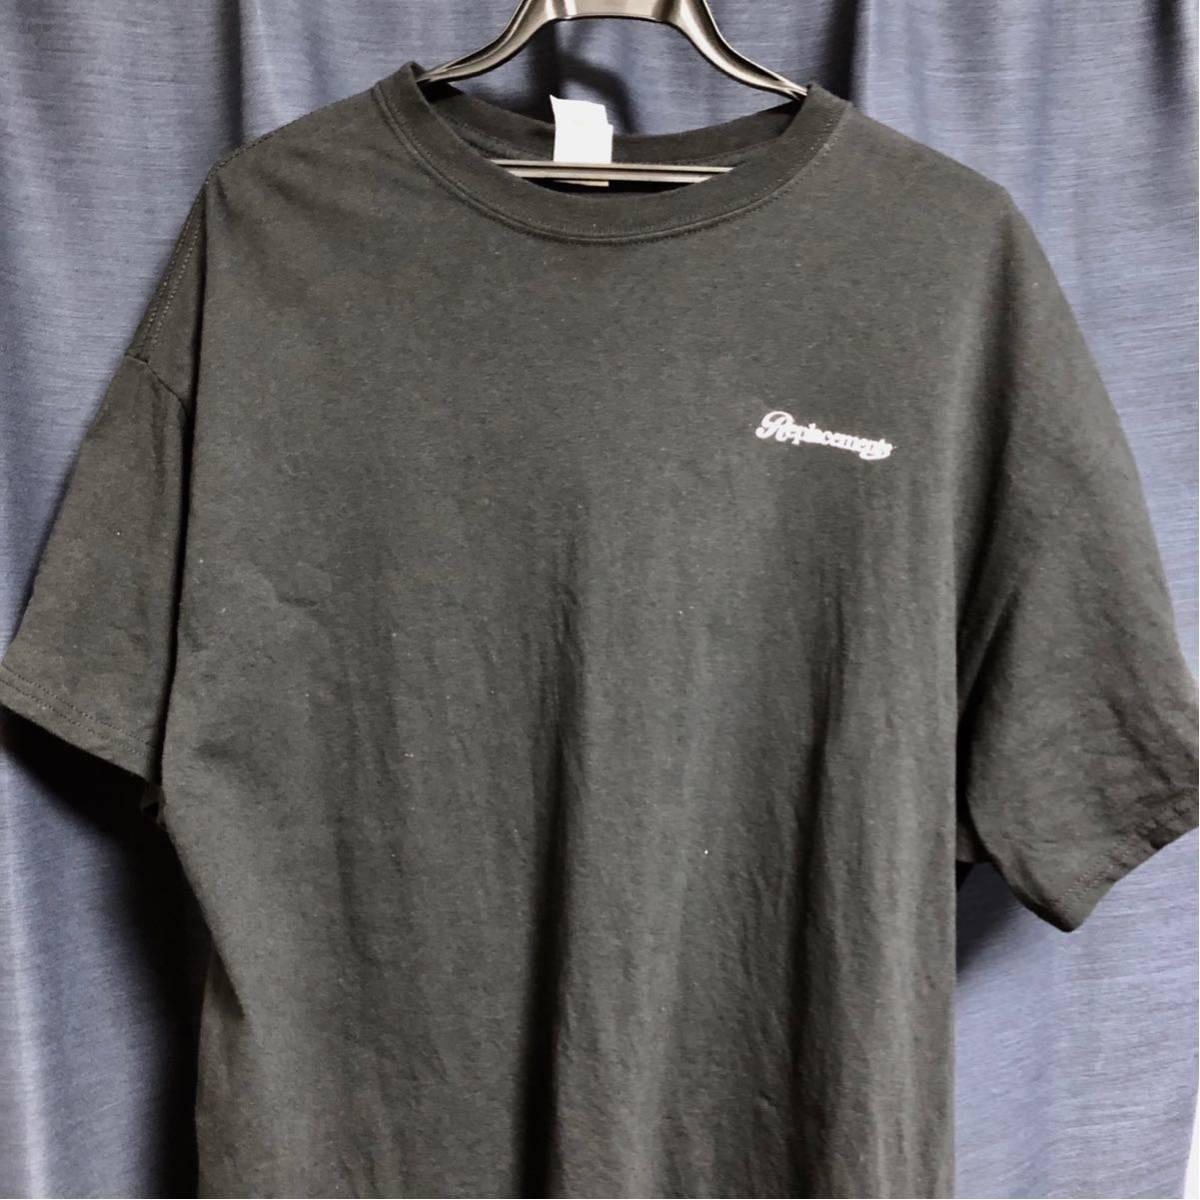 【新品 未着用品】Replalements x kit gallery T-shirt XLサイズ Designed by VERDY / Girls Don't Cry Learners Koncos weasted youth_画像2